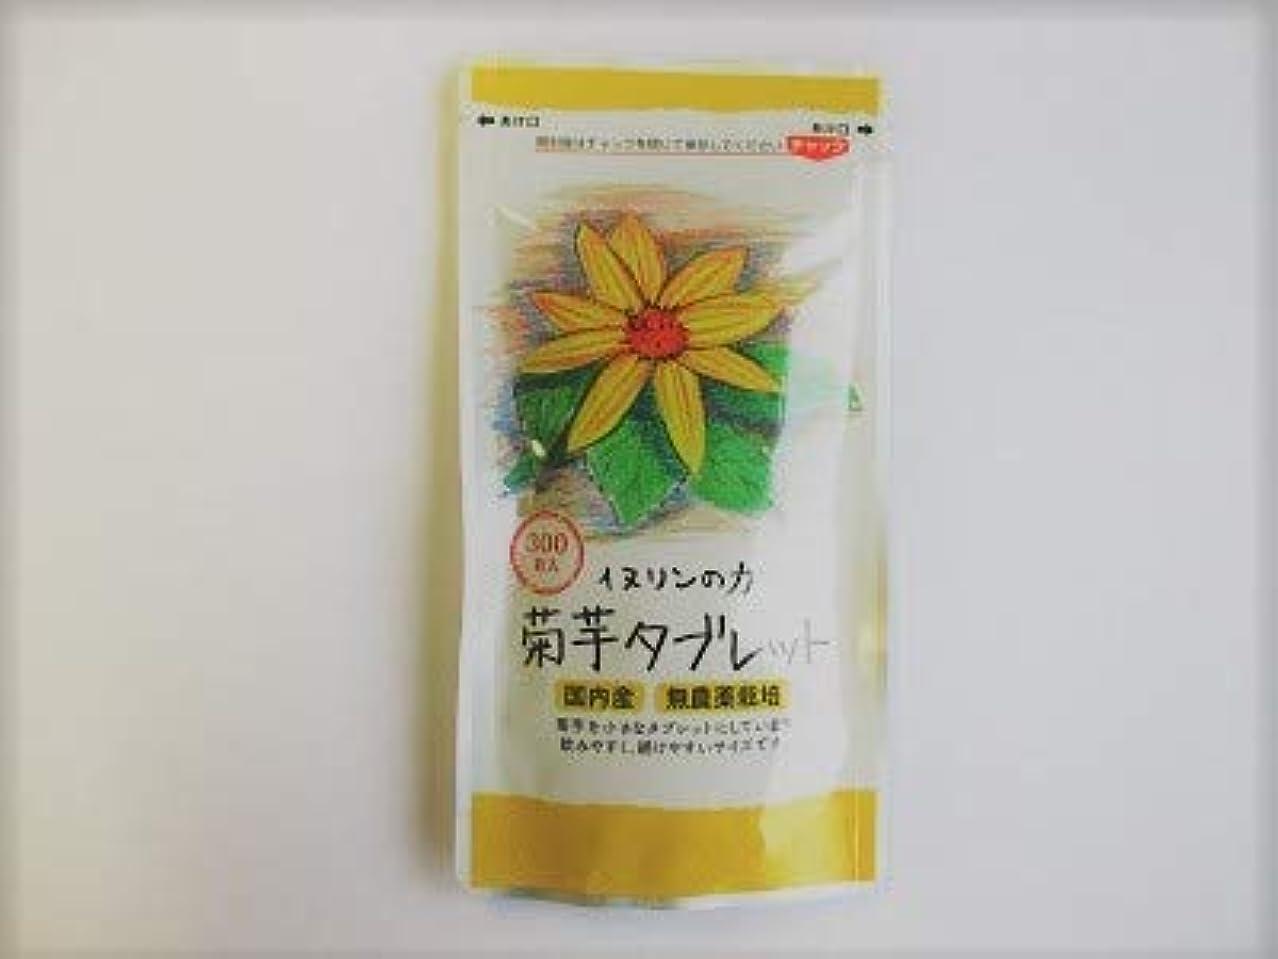 連続した改革ウサギ菊芋タブレット 250mg×300粒 内容量:75g ★1袋で生菊芋=660g分相当です!